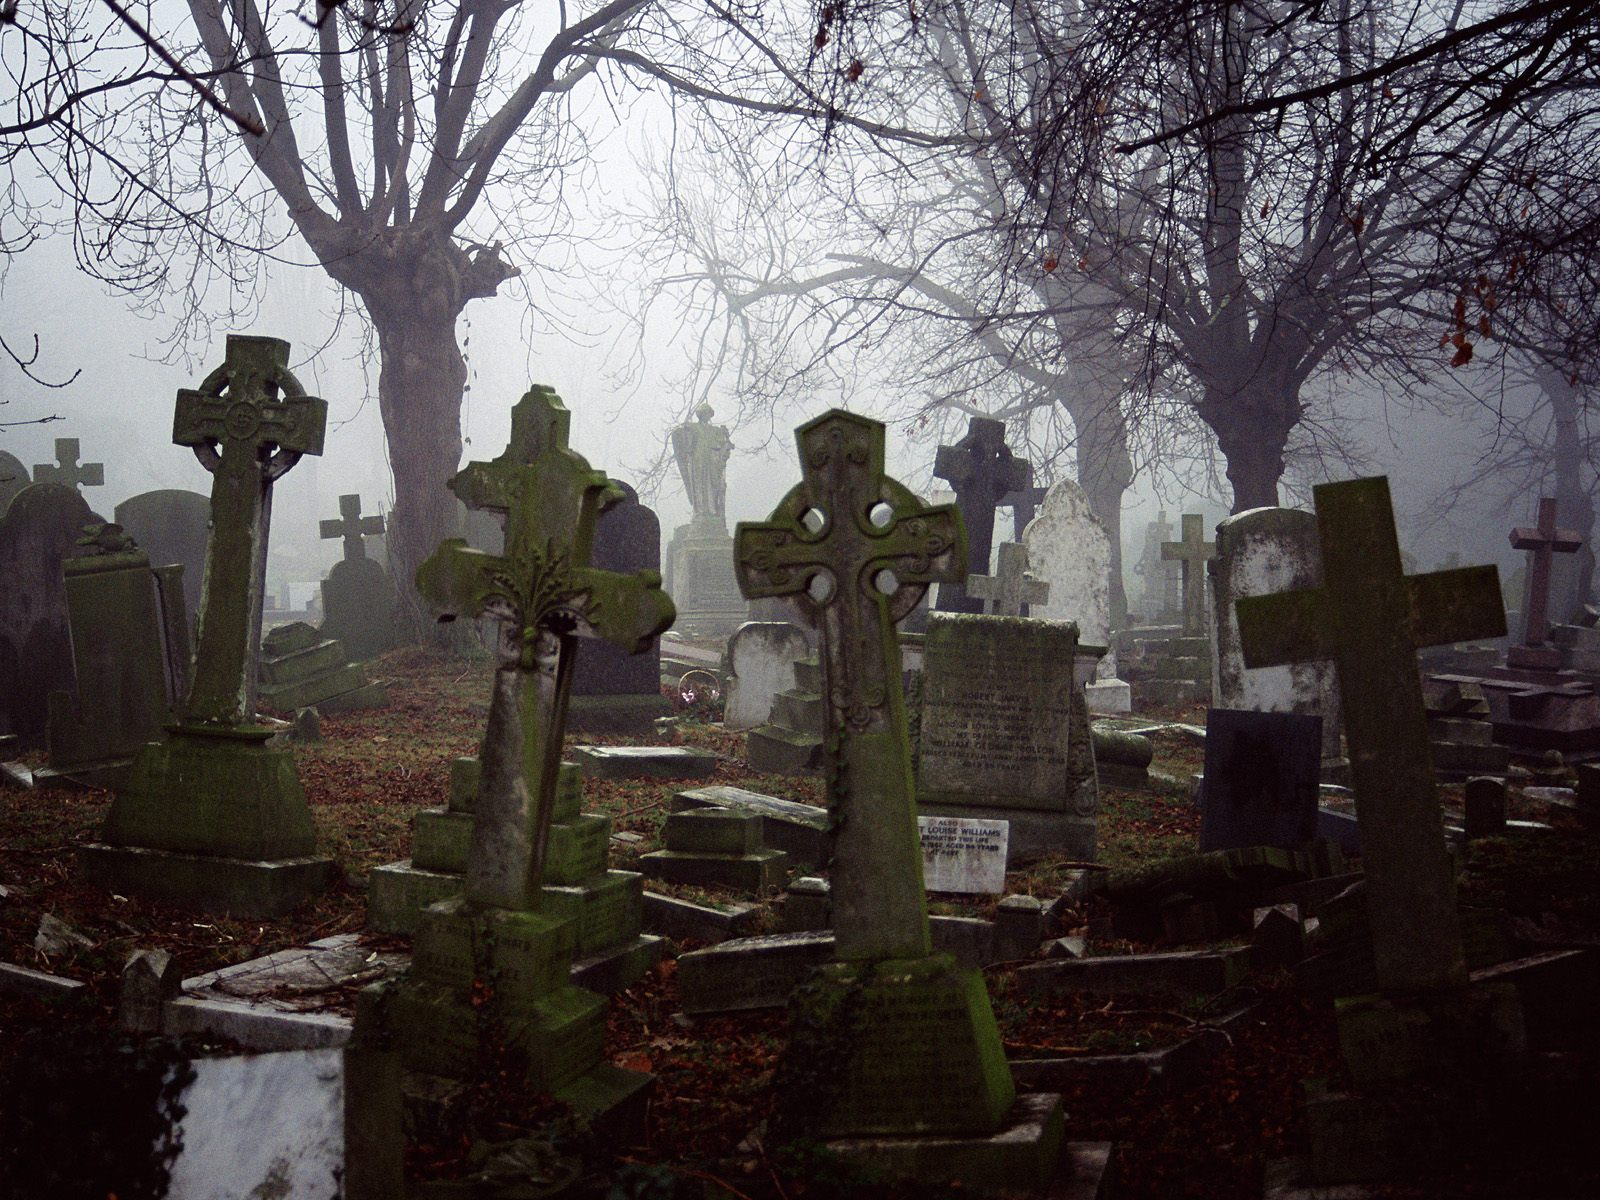 К чему снится кладбище для женщины? Сонник про кладбище